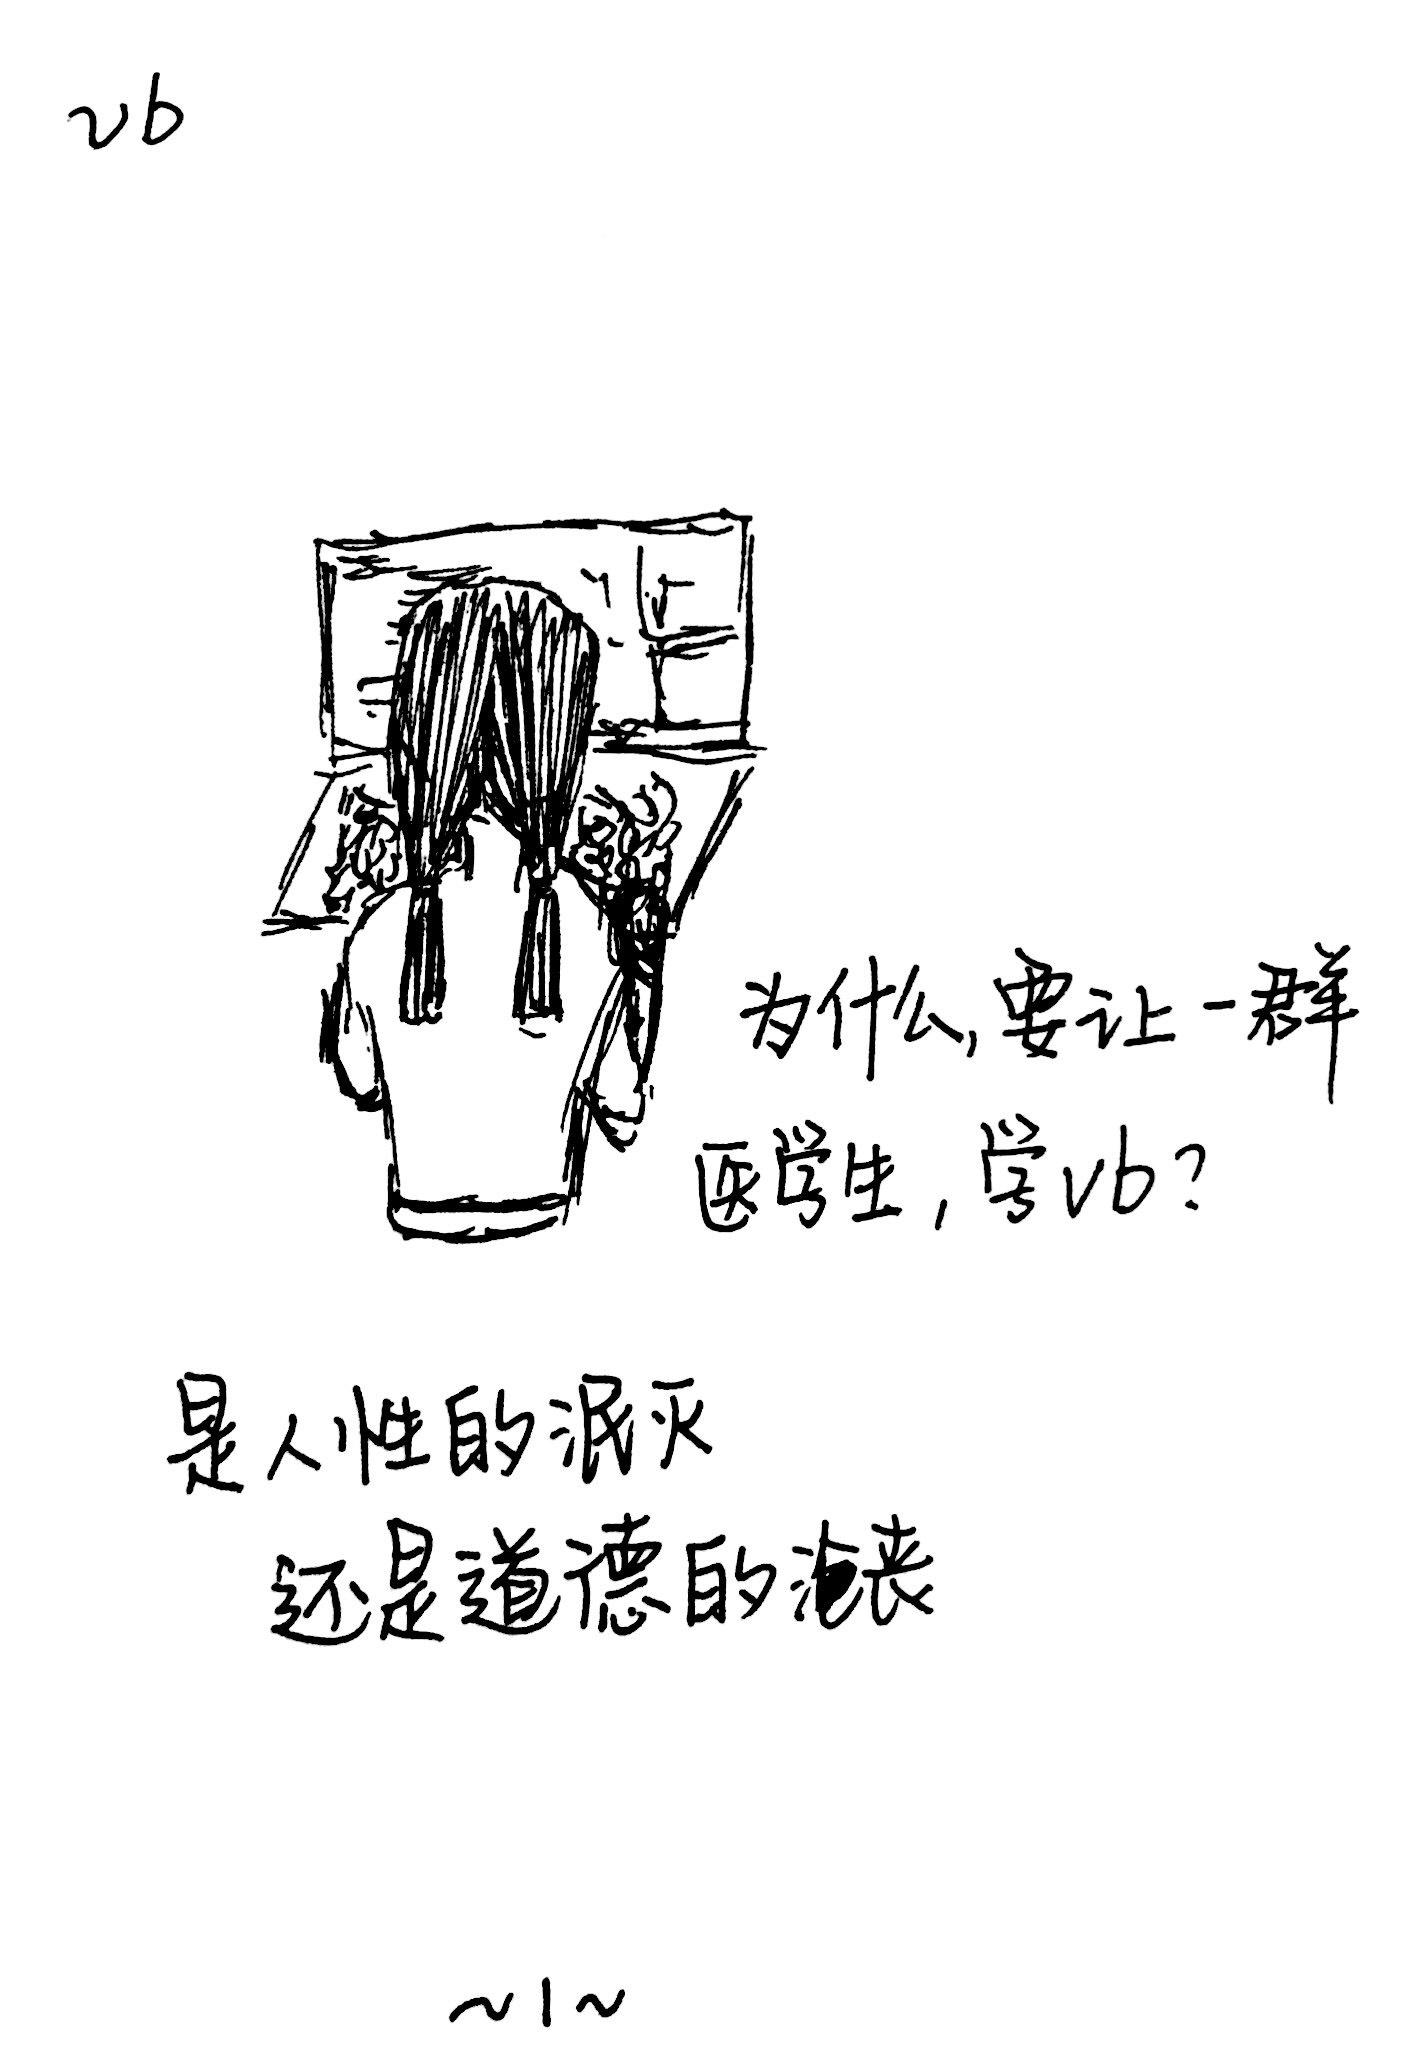 【当医学生遇上考试月 】vb篇